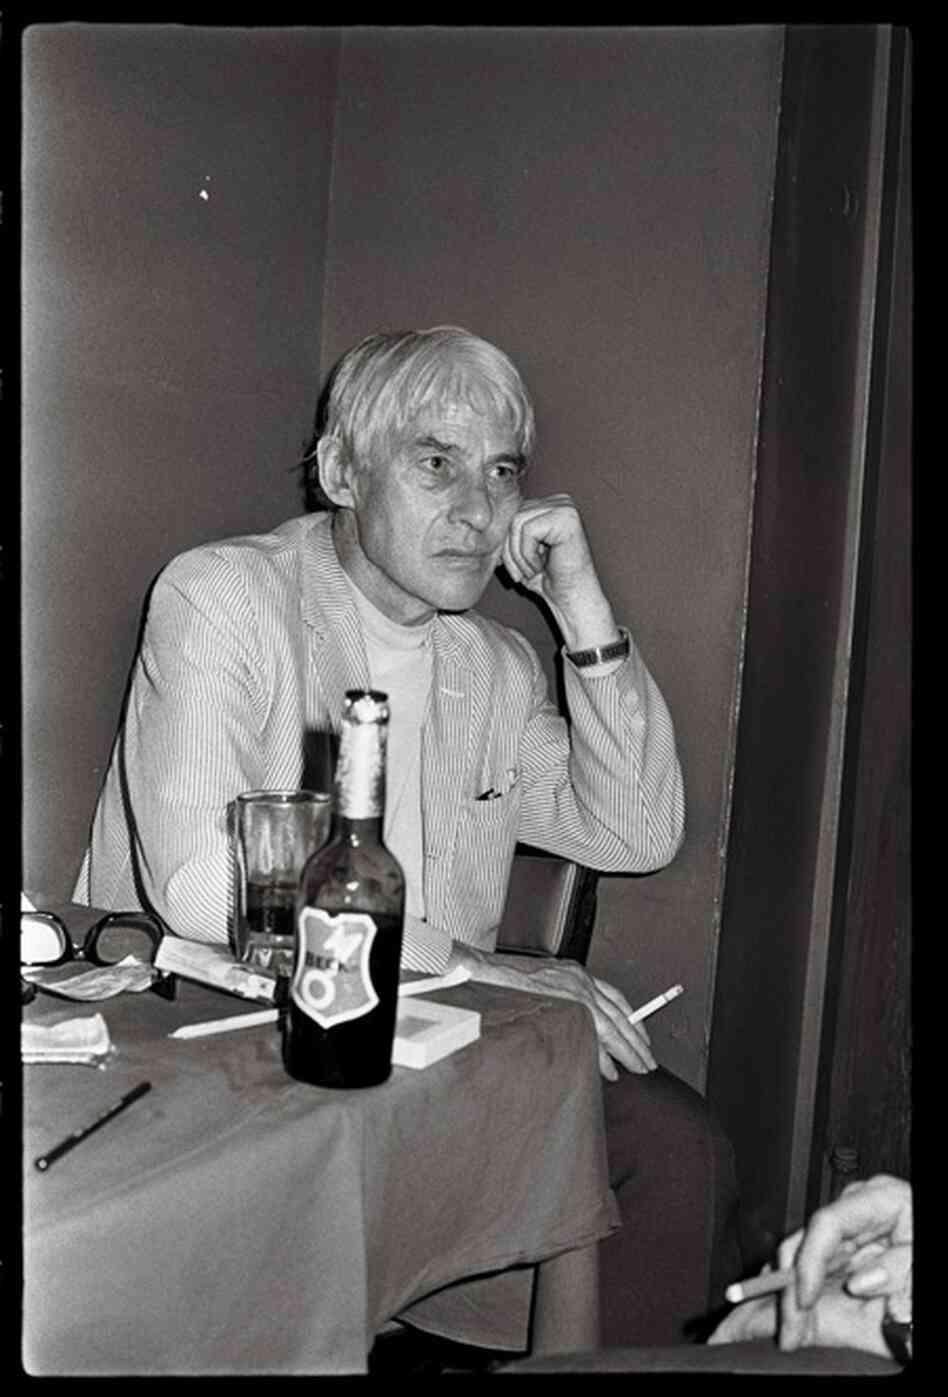 Willem de Kooning, 1971